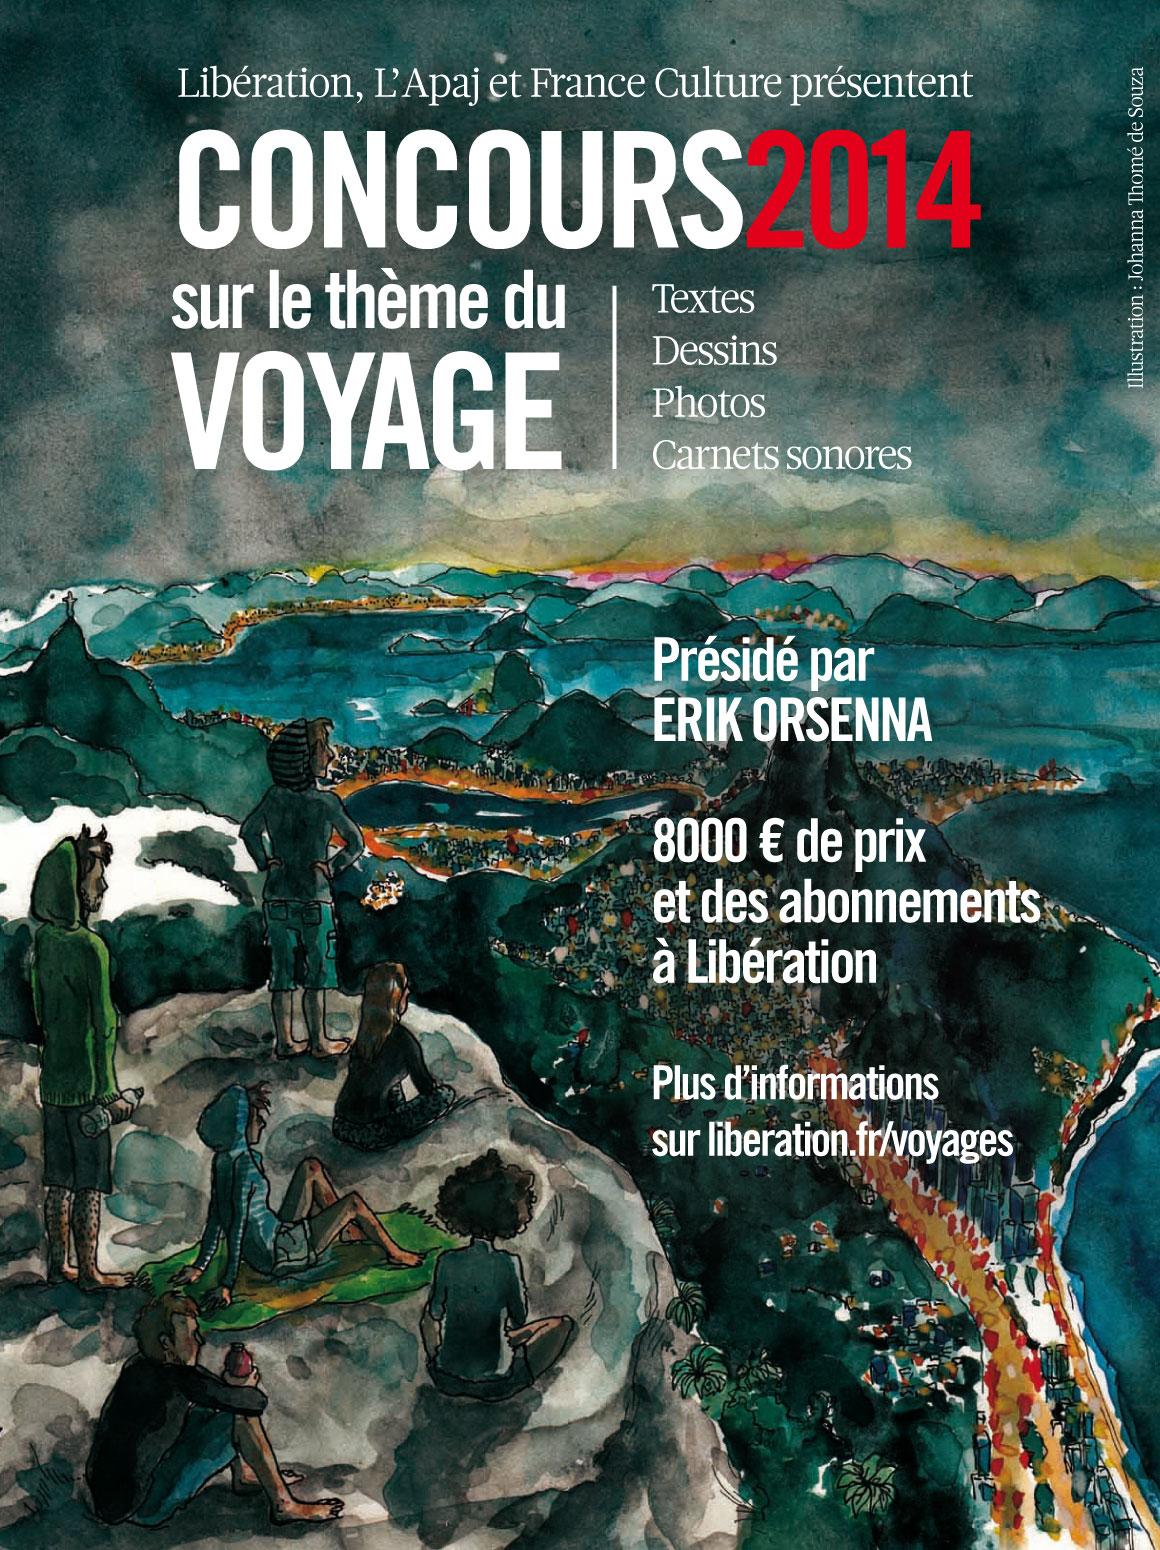 Concours_2014_quartdepageOK